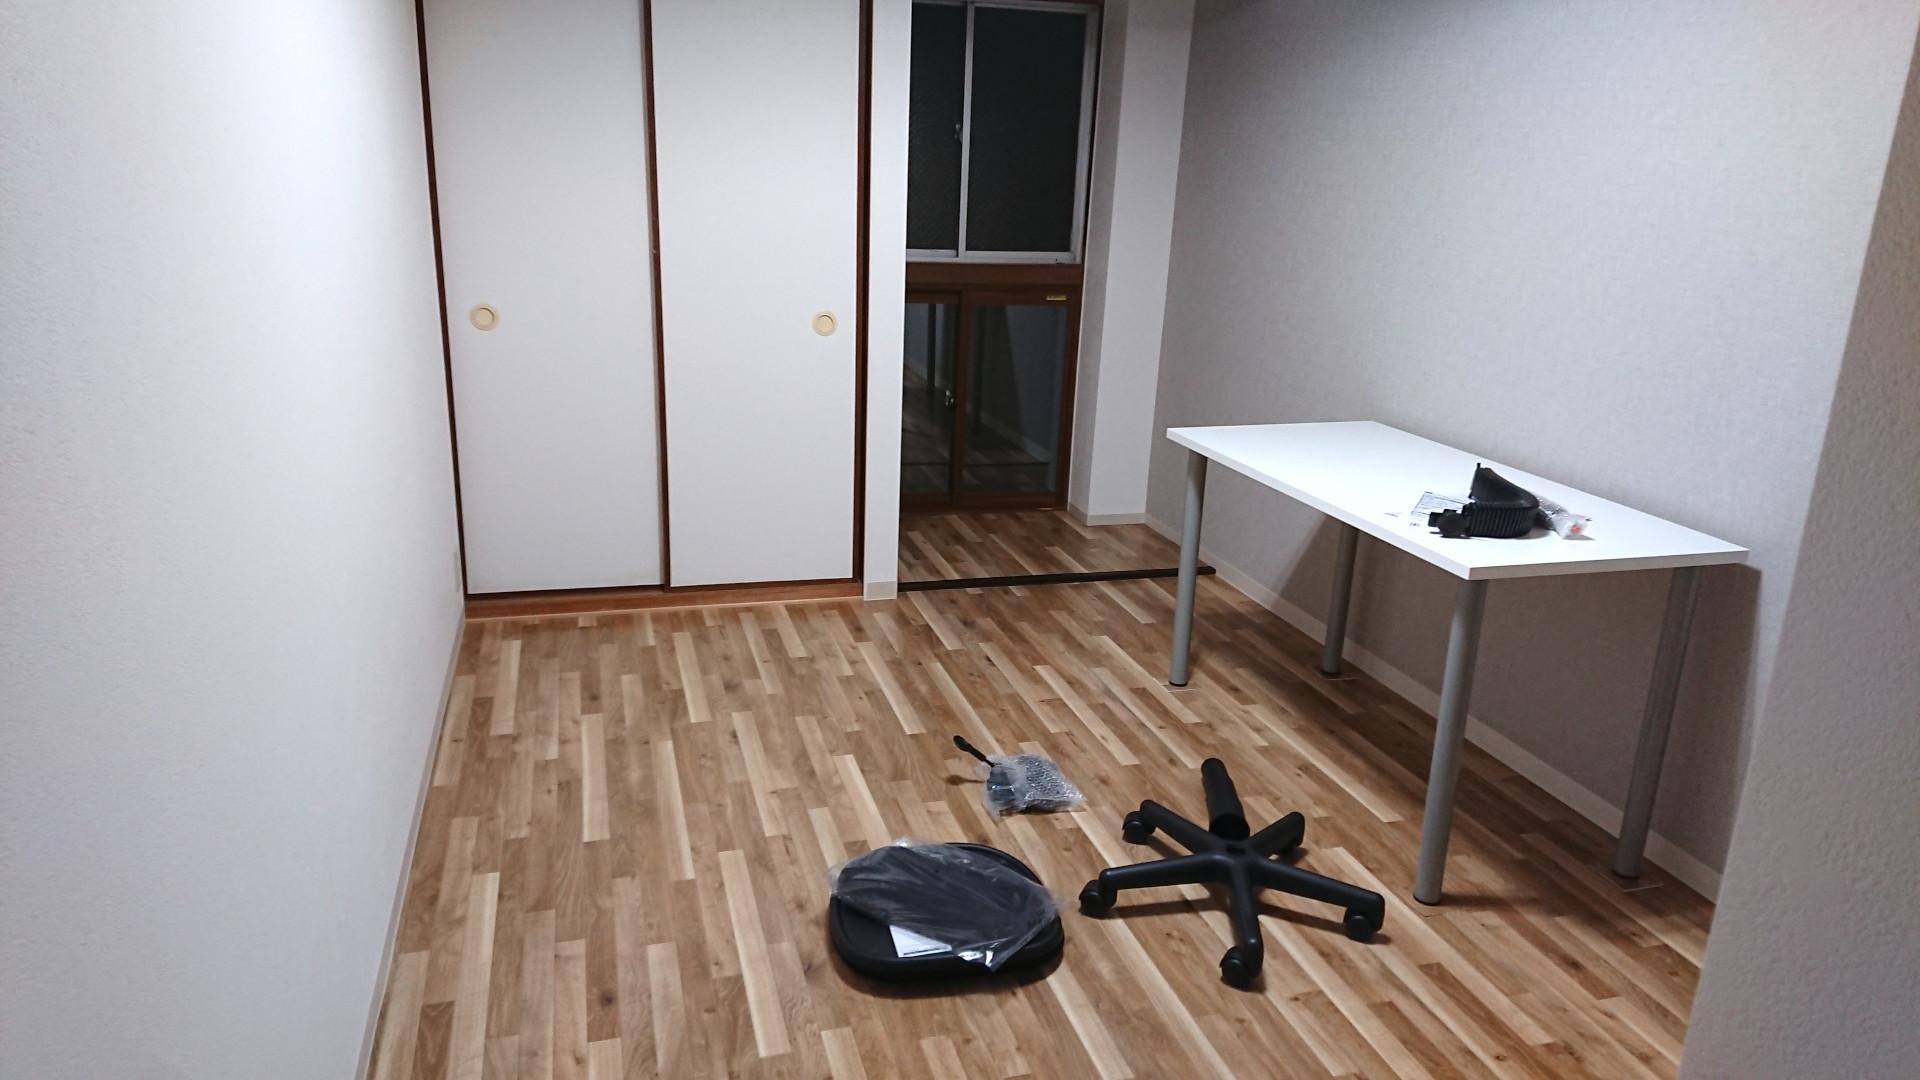 淡路駅の事務所賃貸「淡路駅前ラボ」デスク